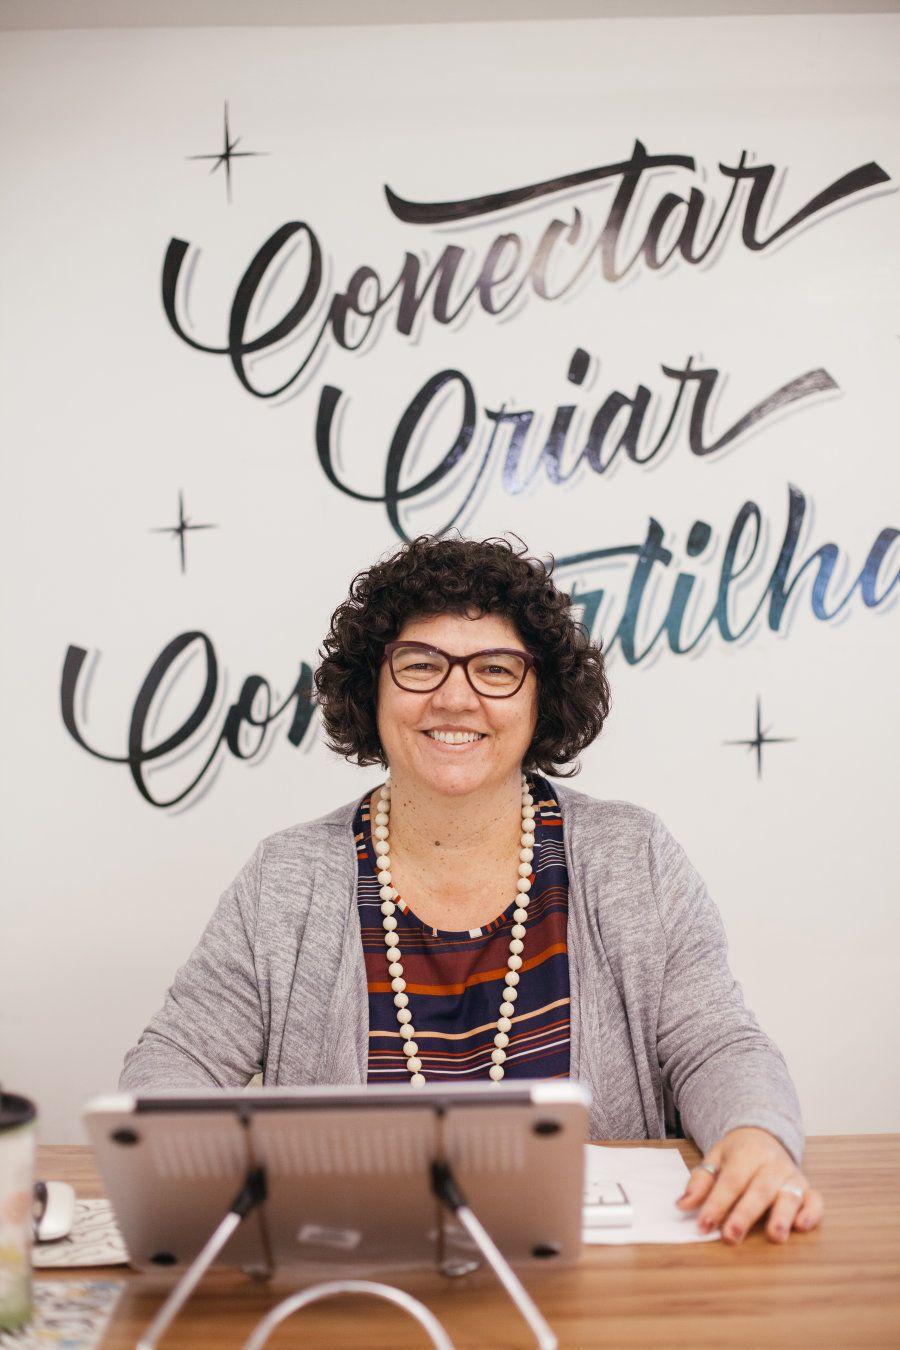 Hoje ela comanda um espaço de co-working em Brasília e se envolve em projetos que criam, conectam e